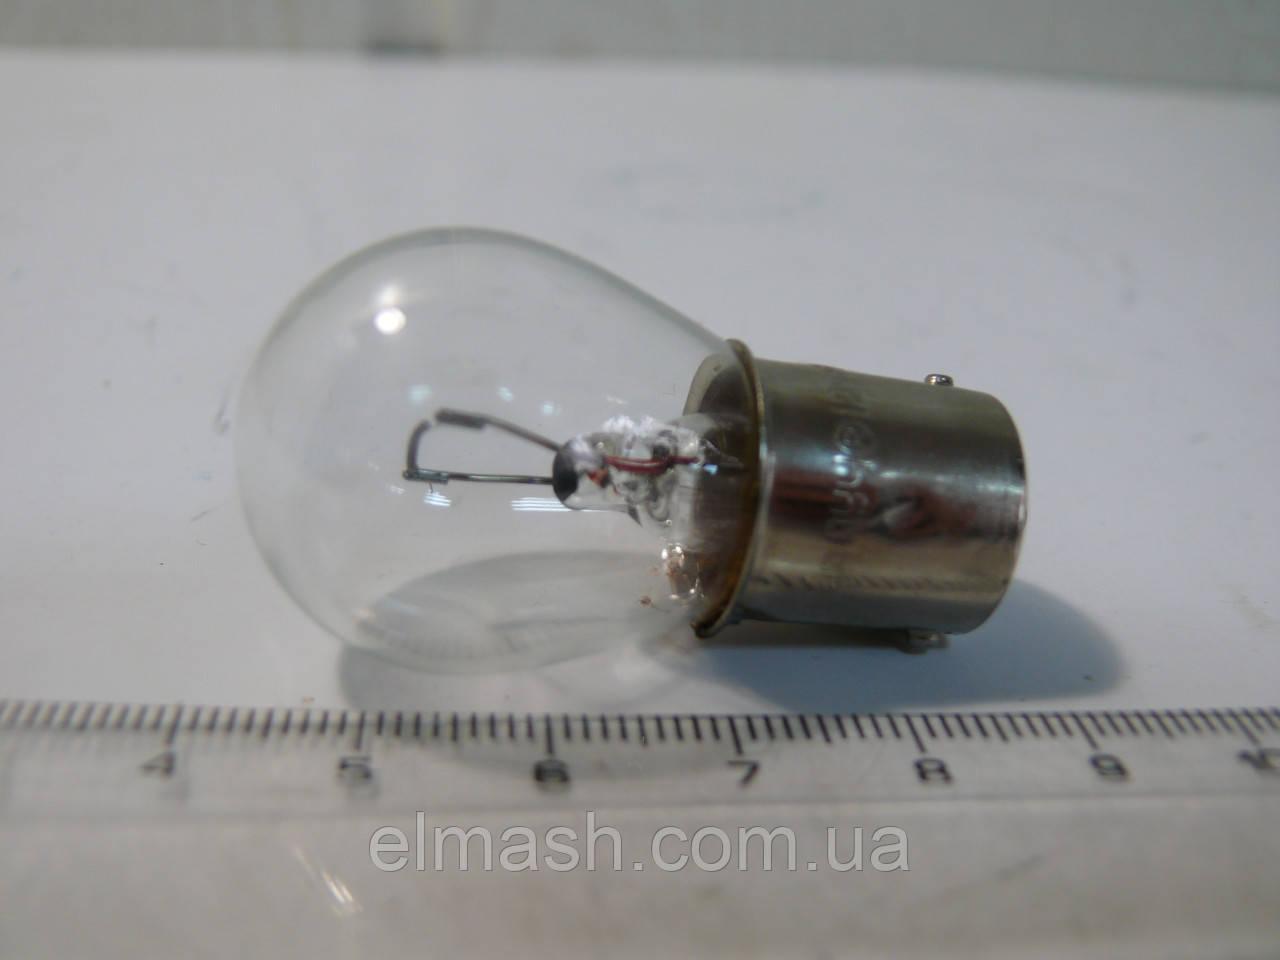 Лампа дополнительного освещения А 12-21-3 ГАЗ (пр-во Диалуч)